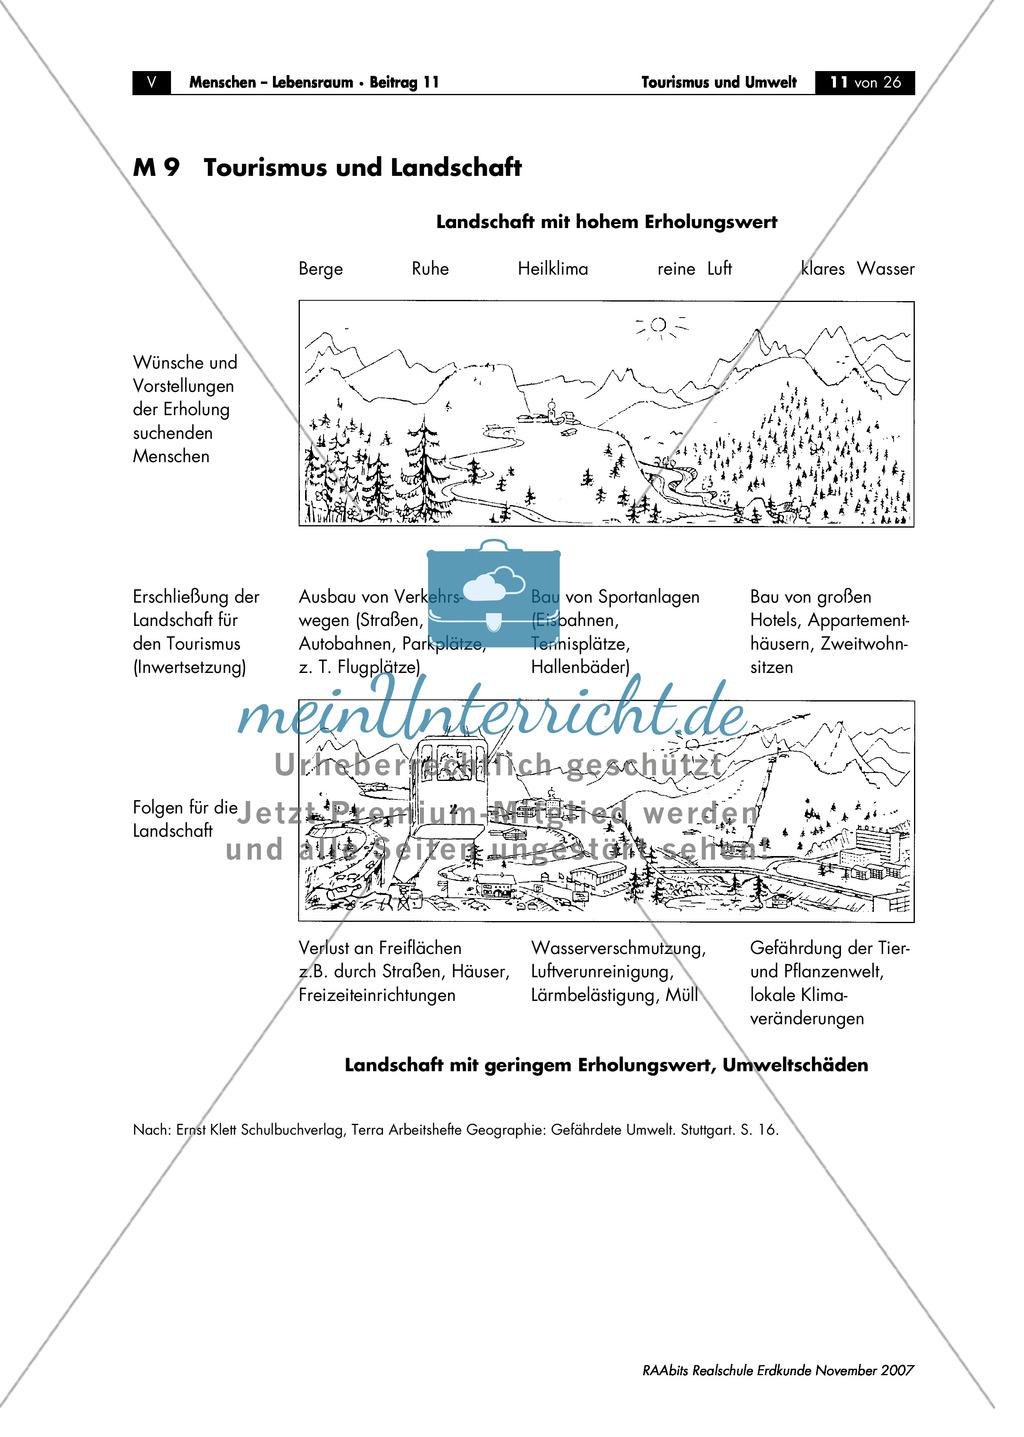 Umweltschutz im Tourismus: Umweltschädigung + Massentourismus Preview 2